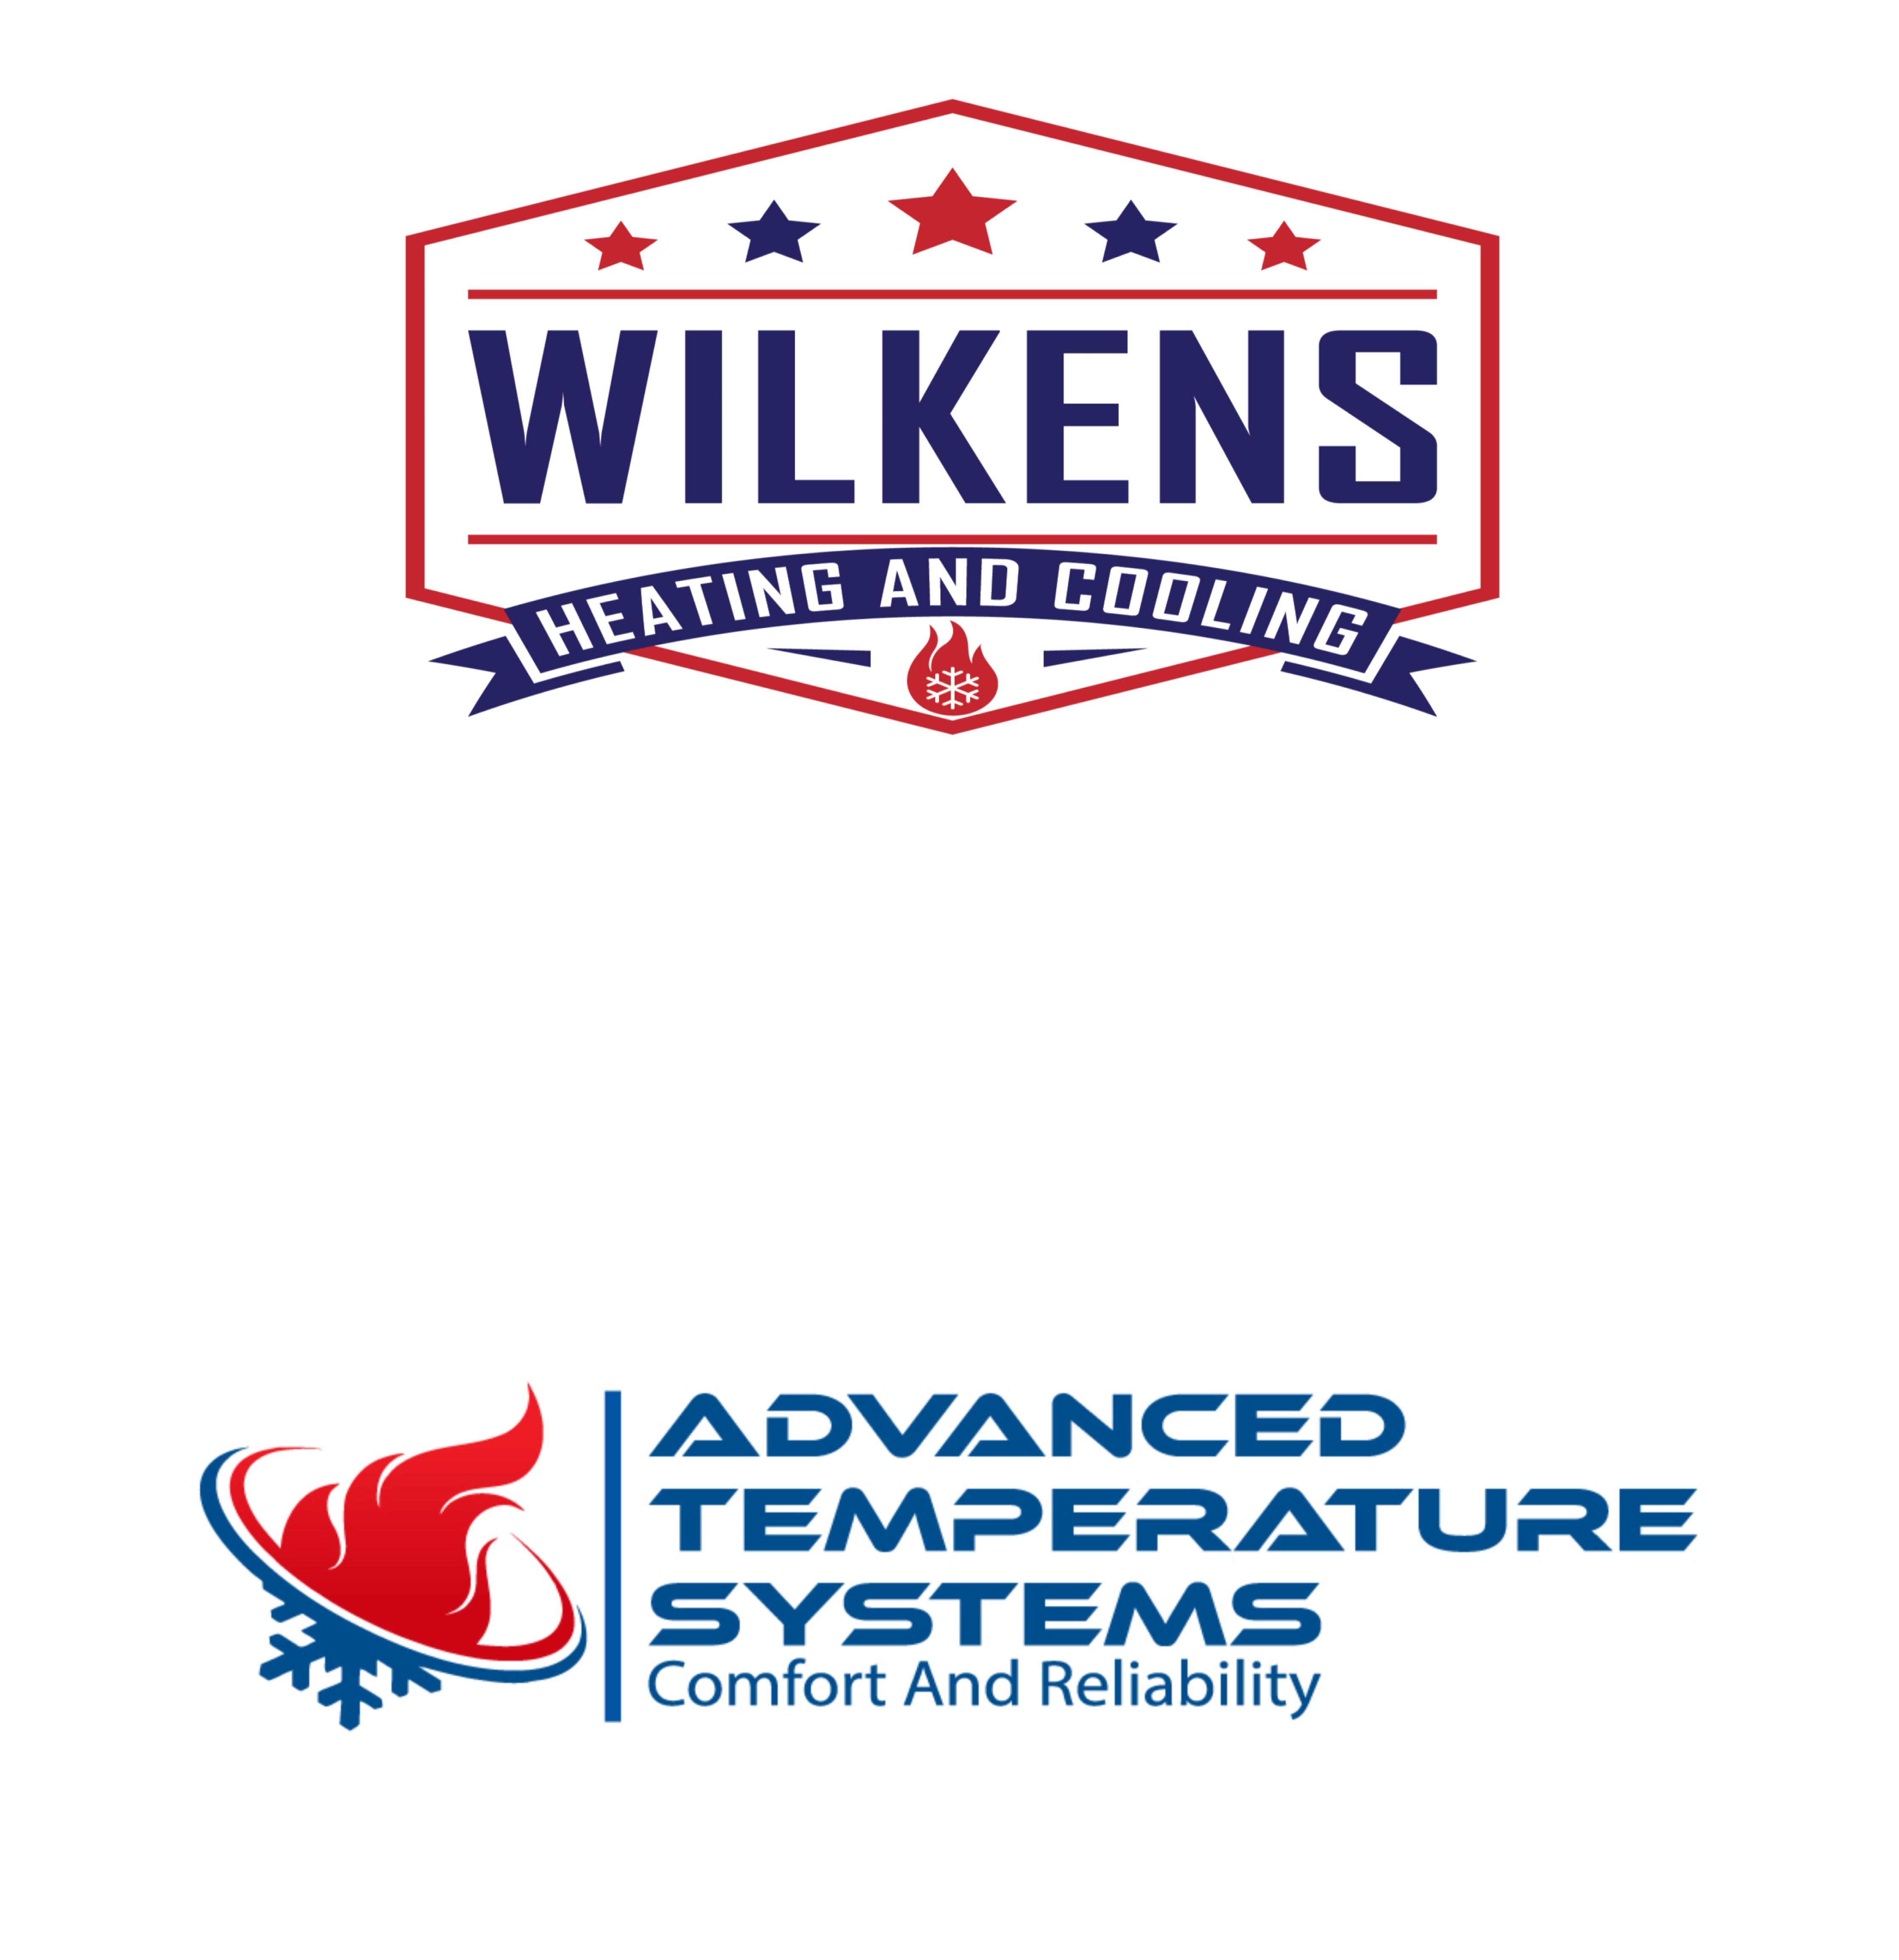 Advanced Temperature Systems